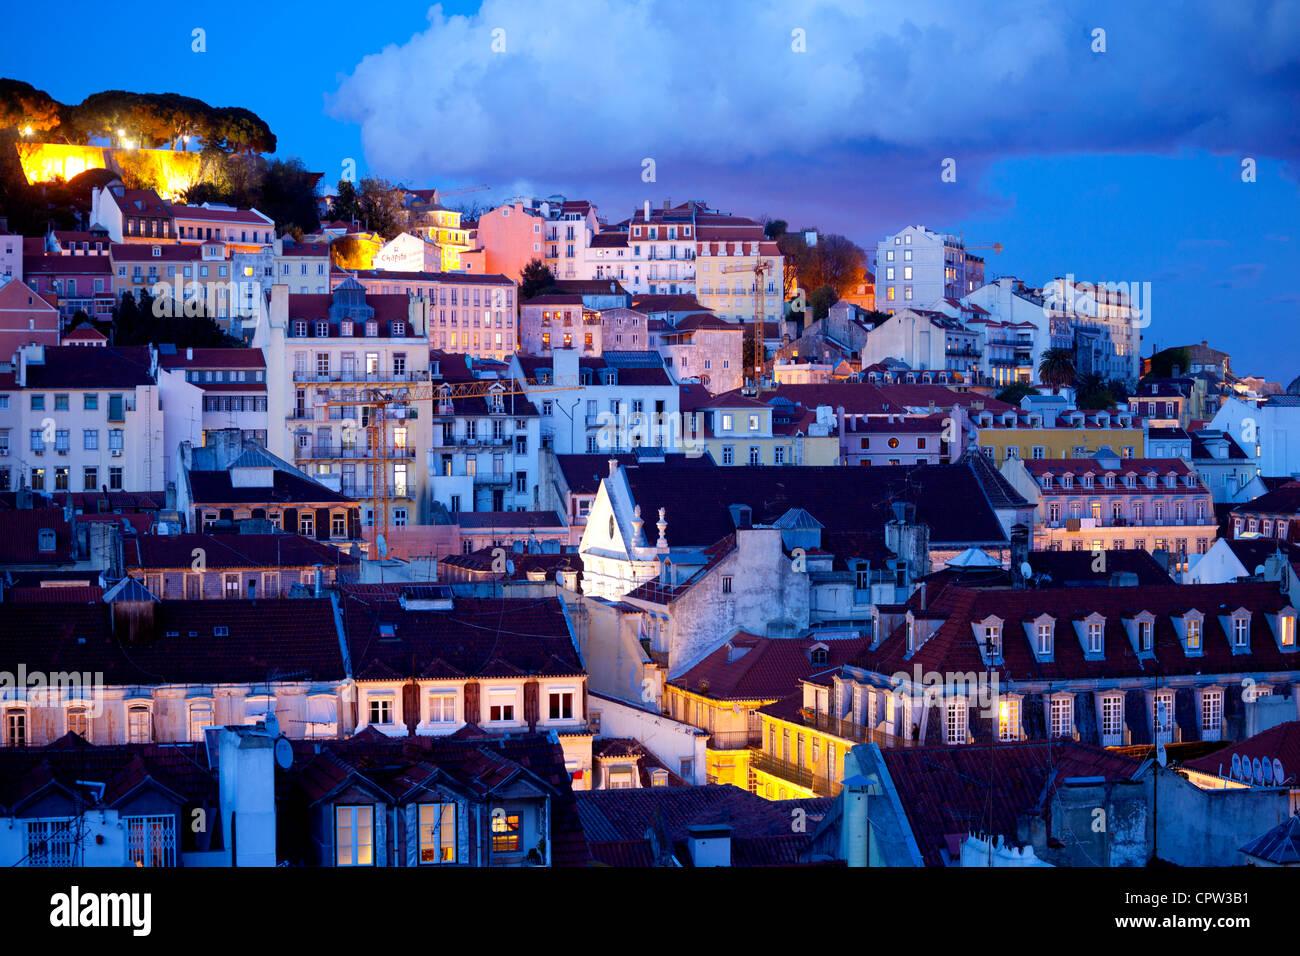 El Castillo de San Jorge y un panorama de Lisboa, Portugal. Imagen De Stock